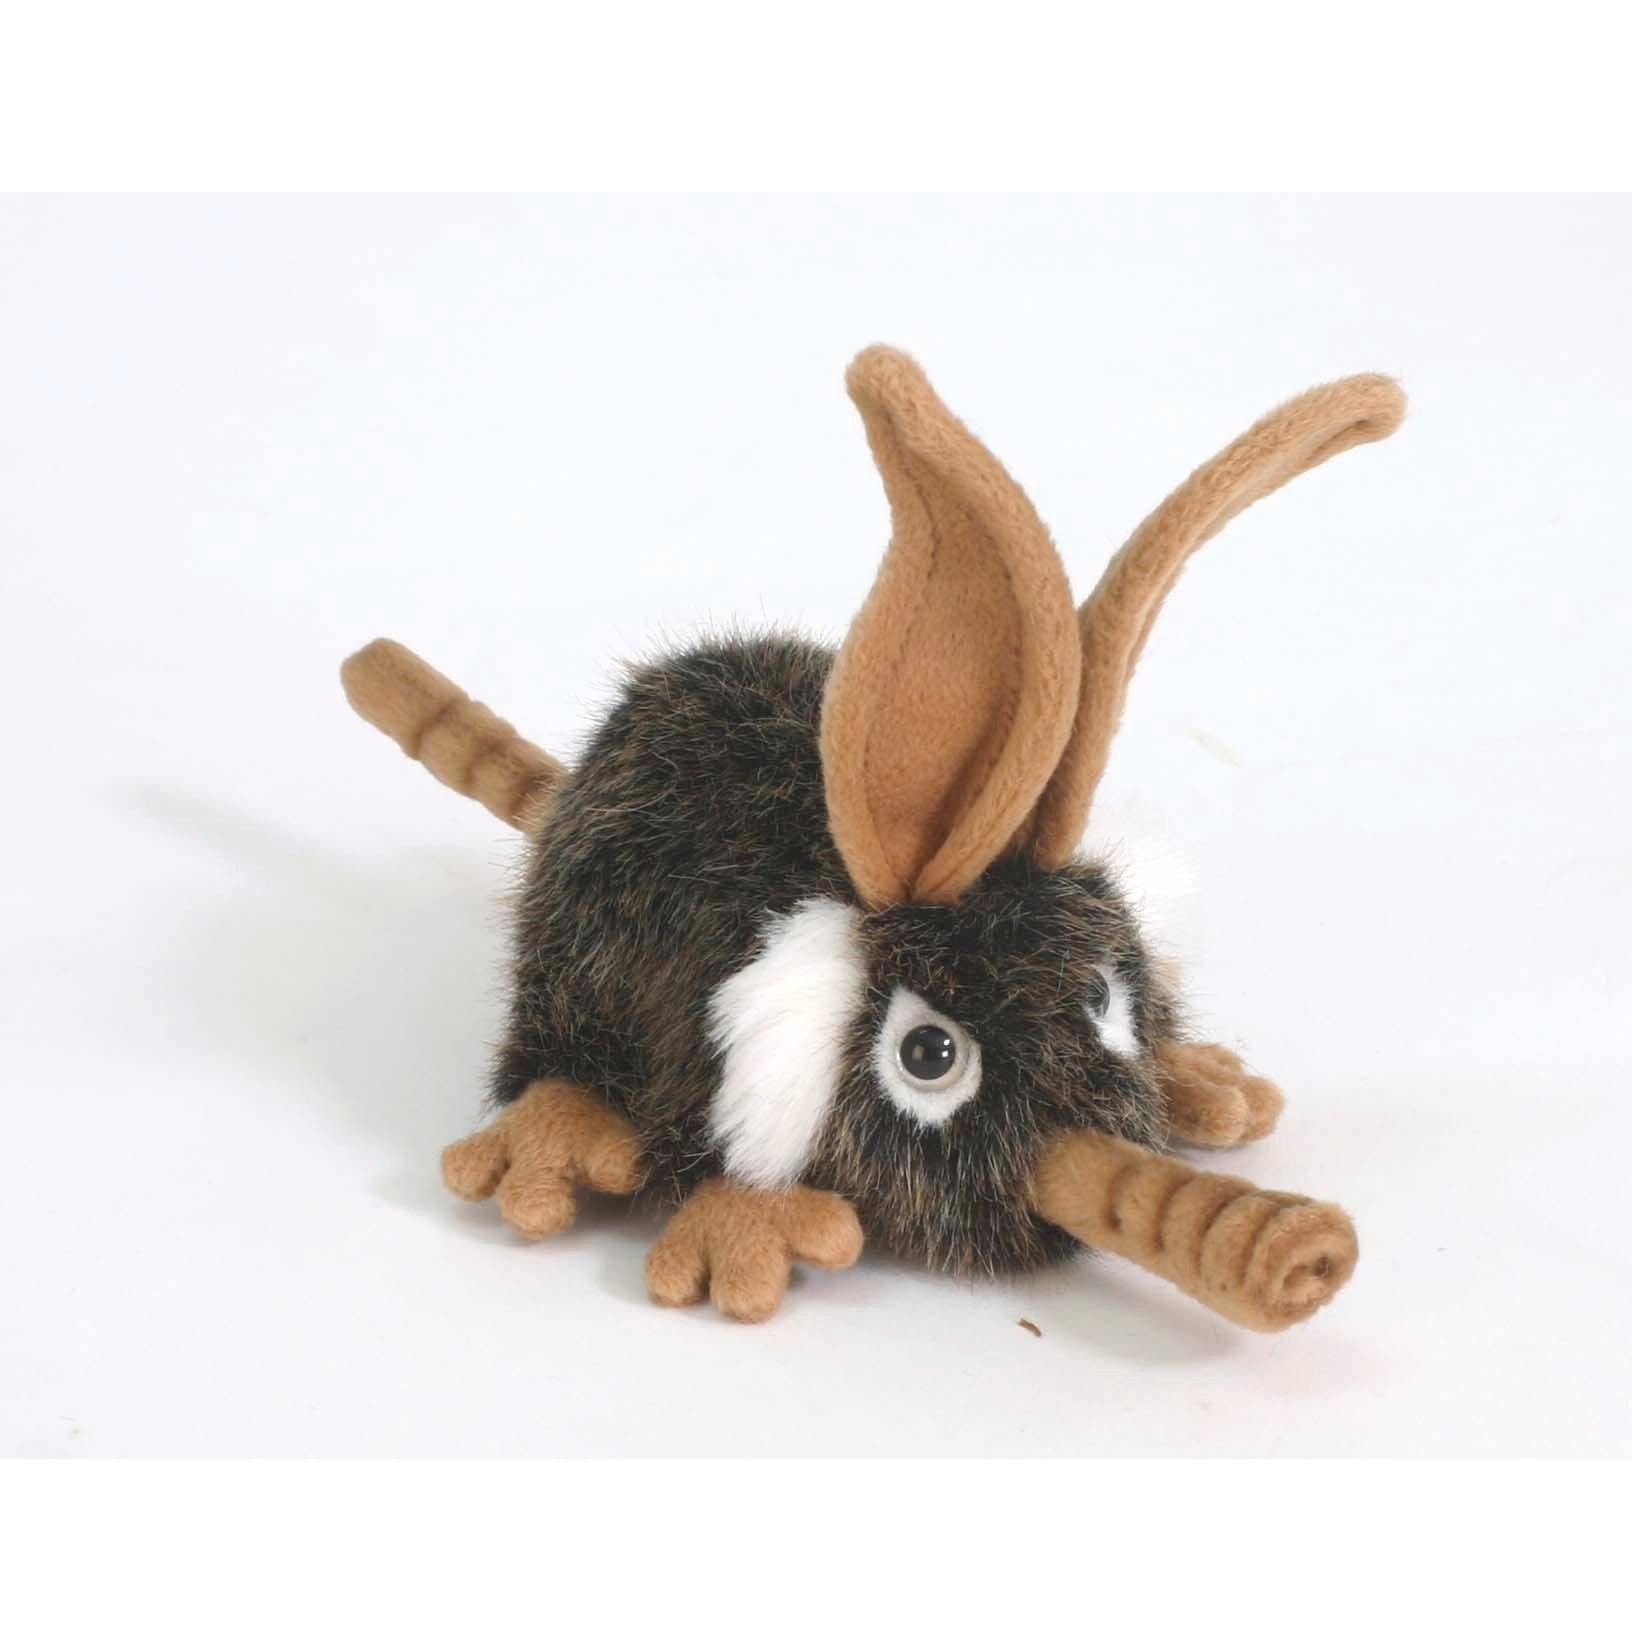 Мягкая игрушка - Лесной тролль, 15 см.Животные<br>Мягкая игрушка - Лесной тролль, 15 см.<br>